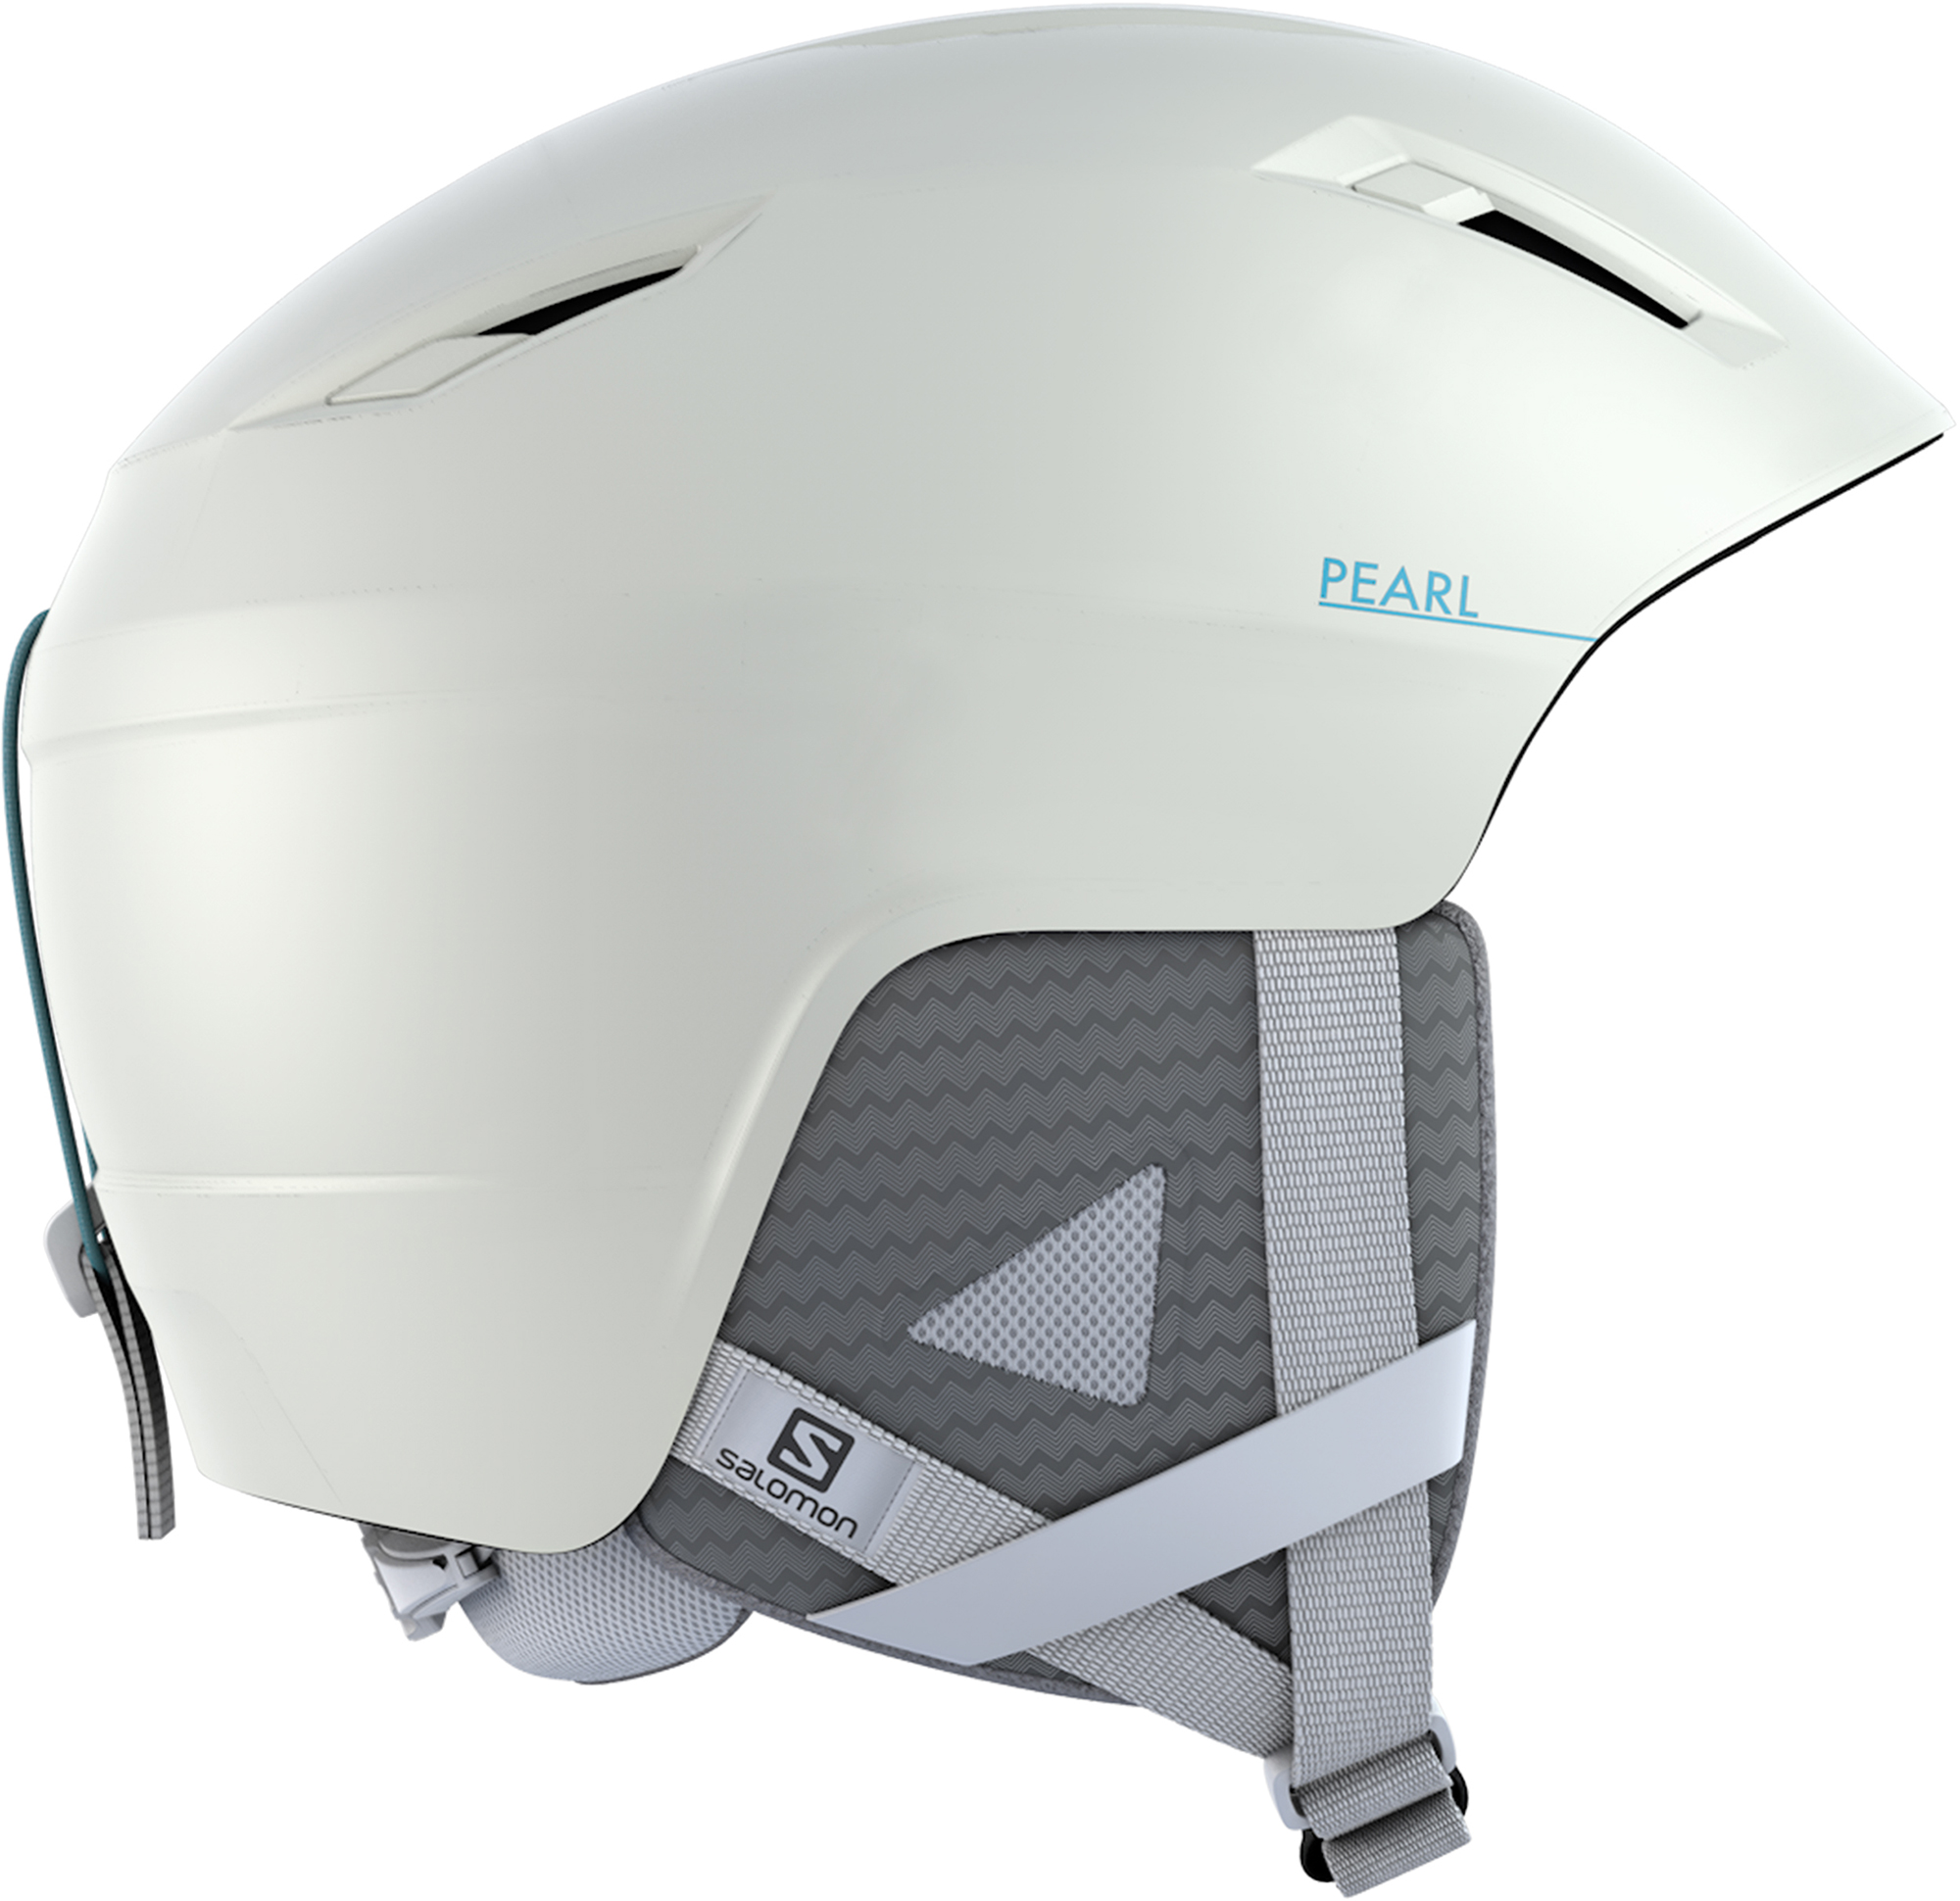 Salomon Шлем Salomon Pearl, размер 56-59